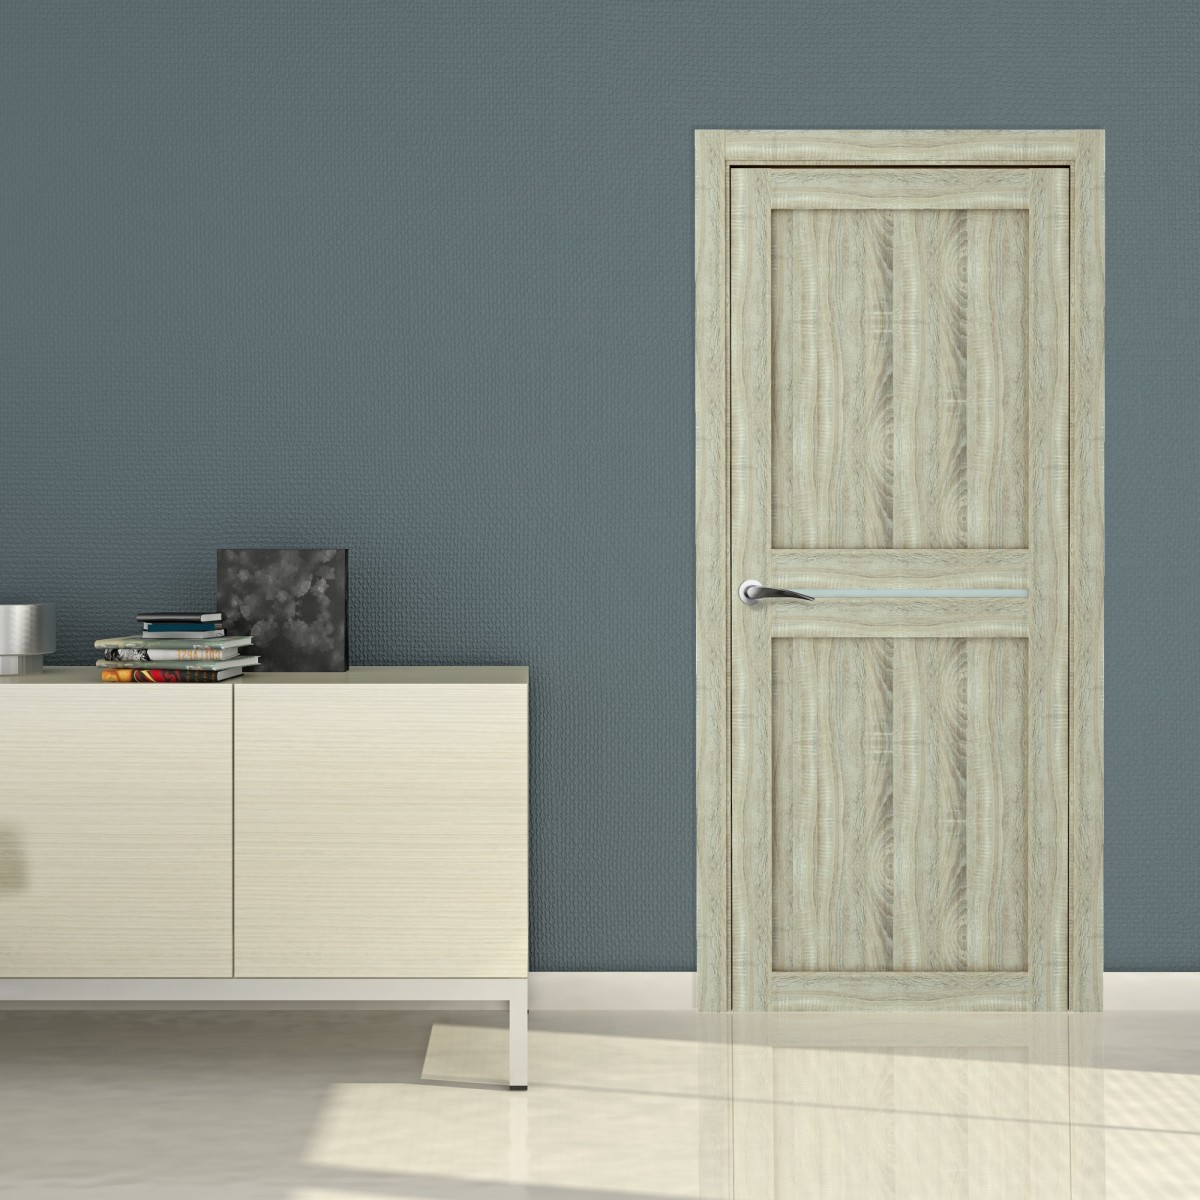 Дверь Межкомнатная Глухая Вита 70x200 Ламинация Дуб Натуральный С Фурнитурой